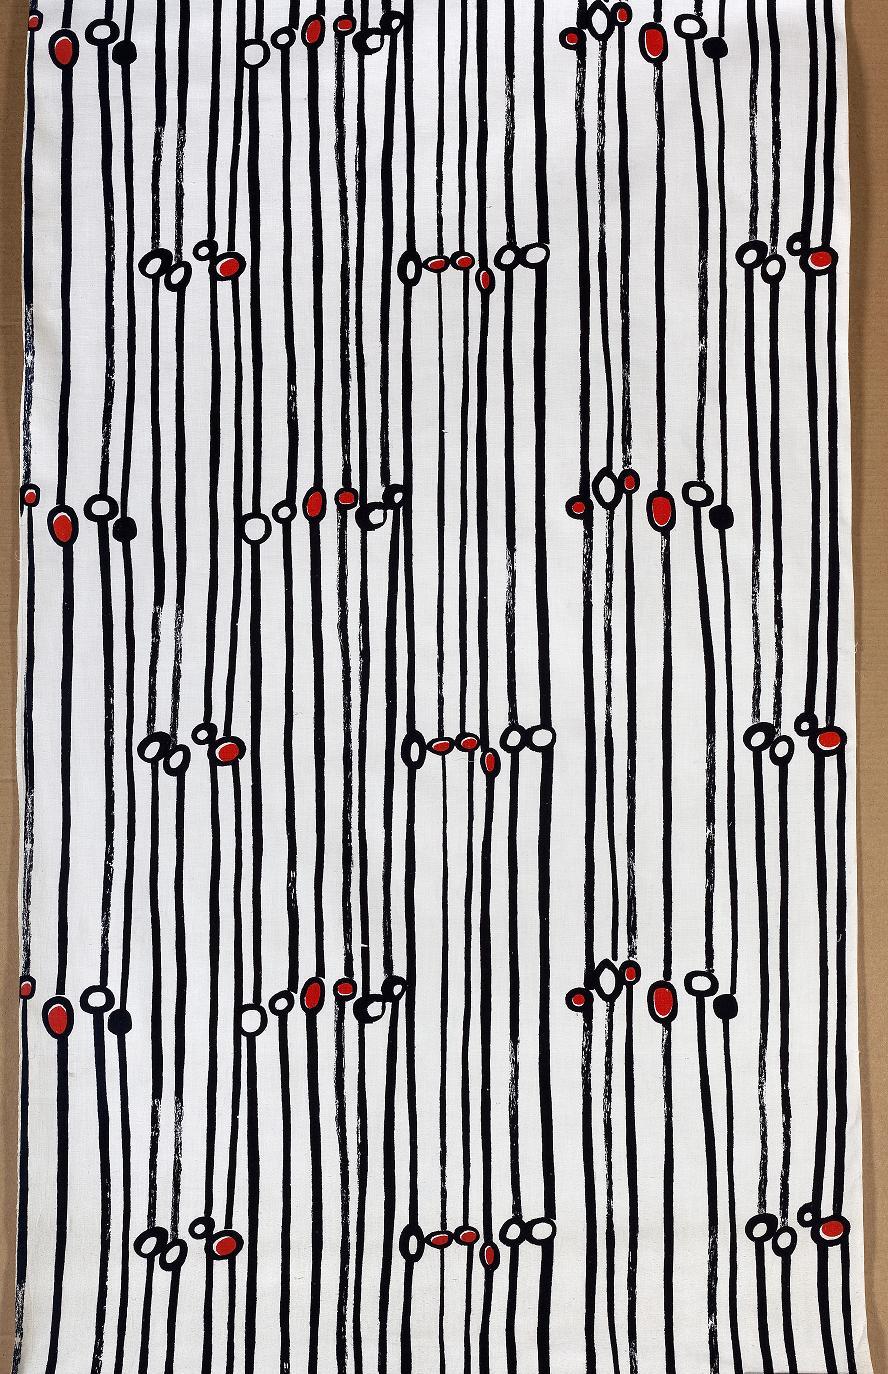 Danuta Teler-Gęsicka, Instytut Wzornictwa Przemysłowego, tkanina drukowana, 1958, Wzr.t.789 MNW